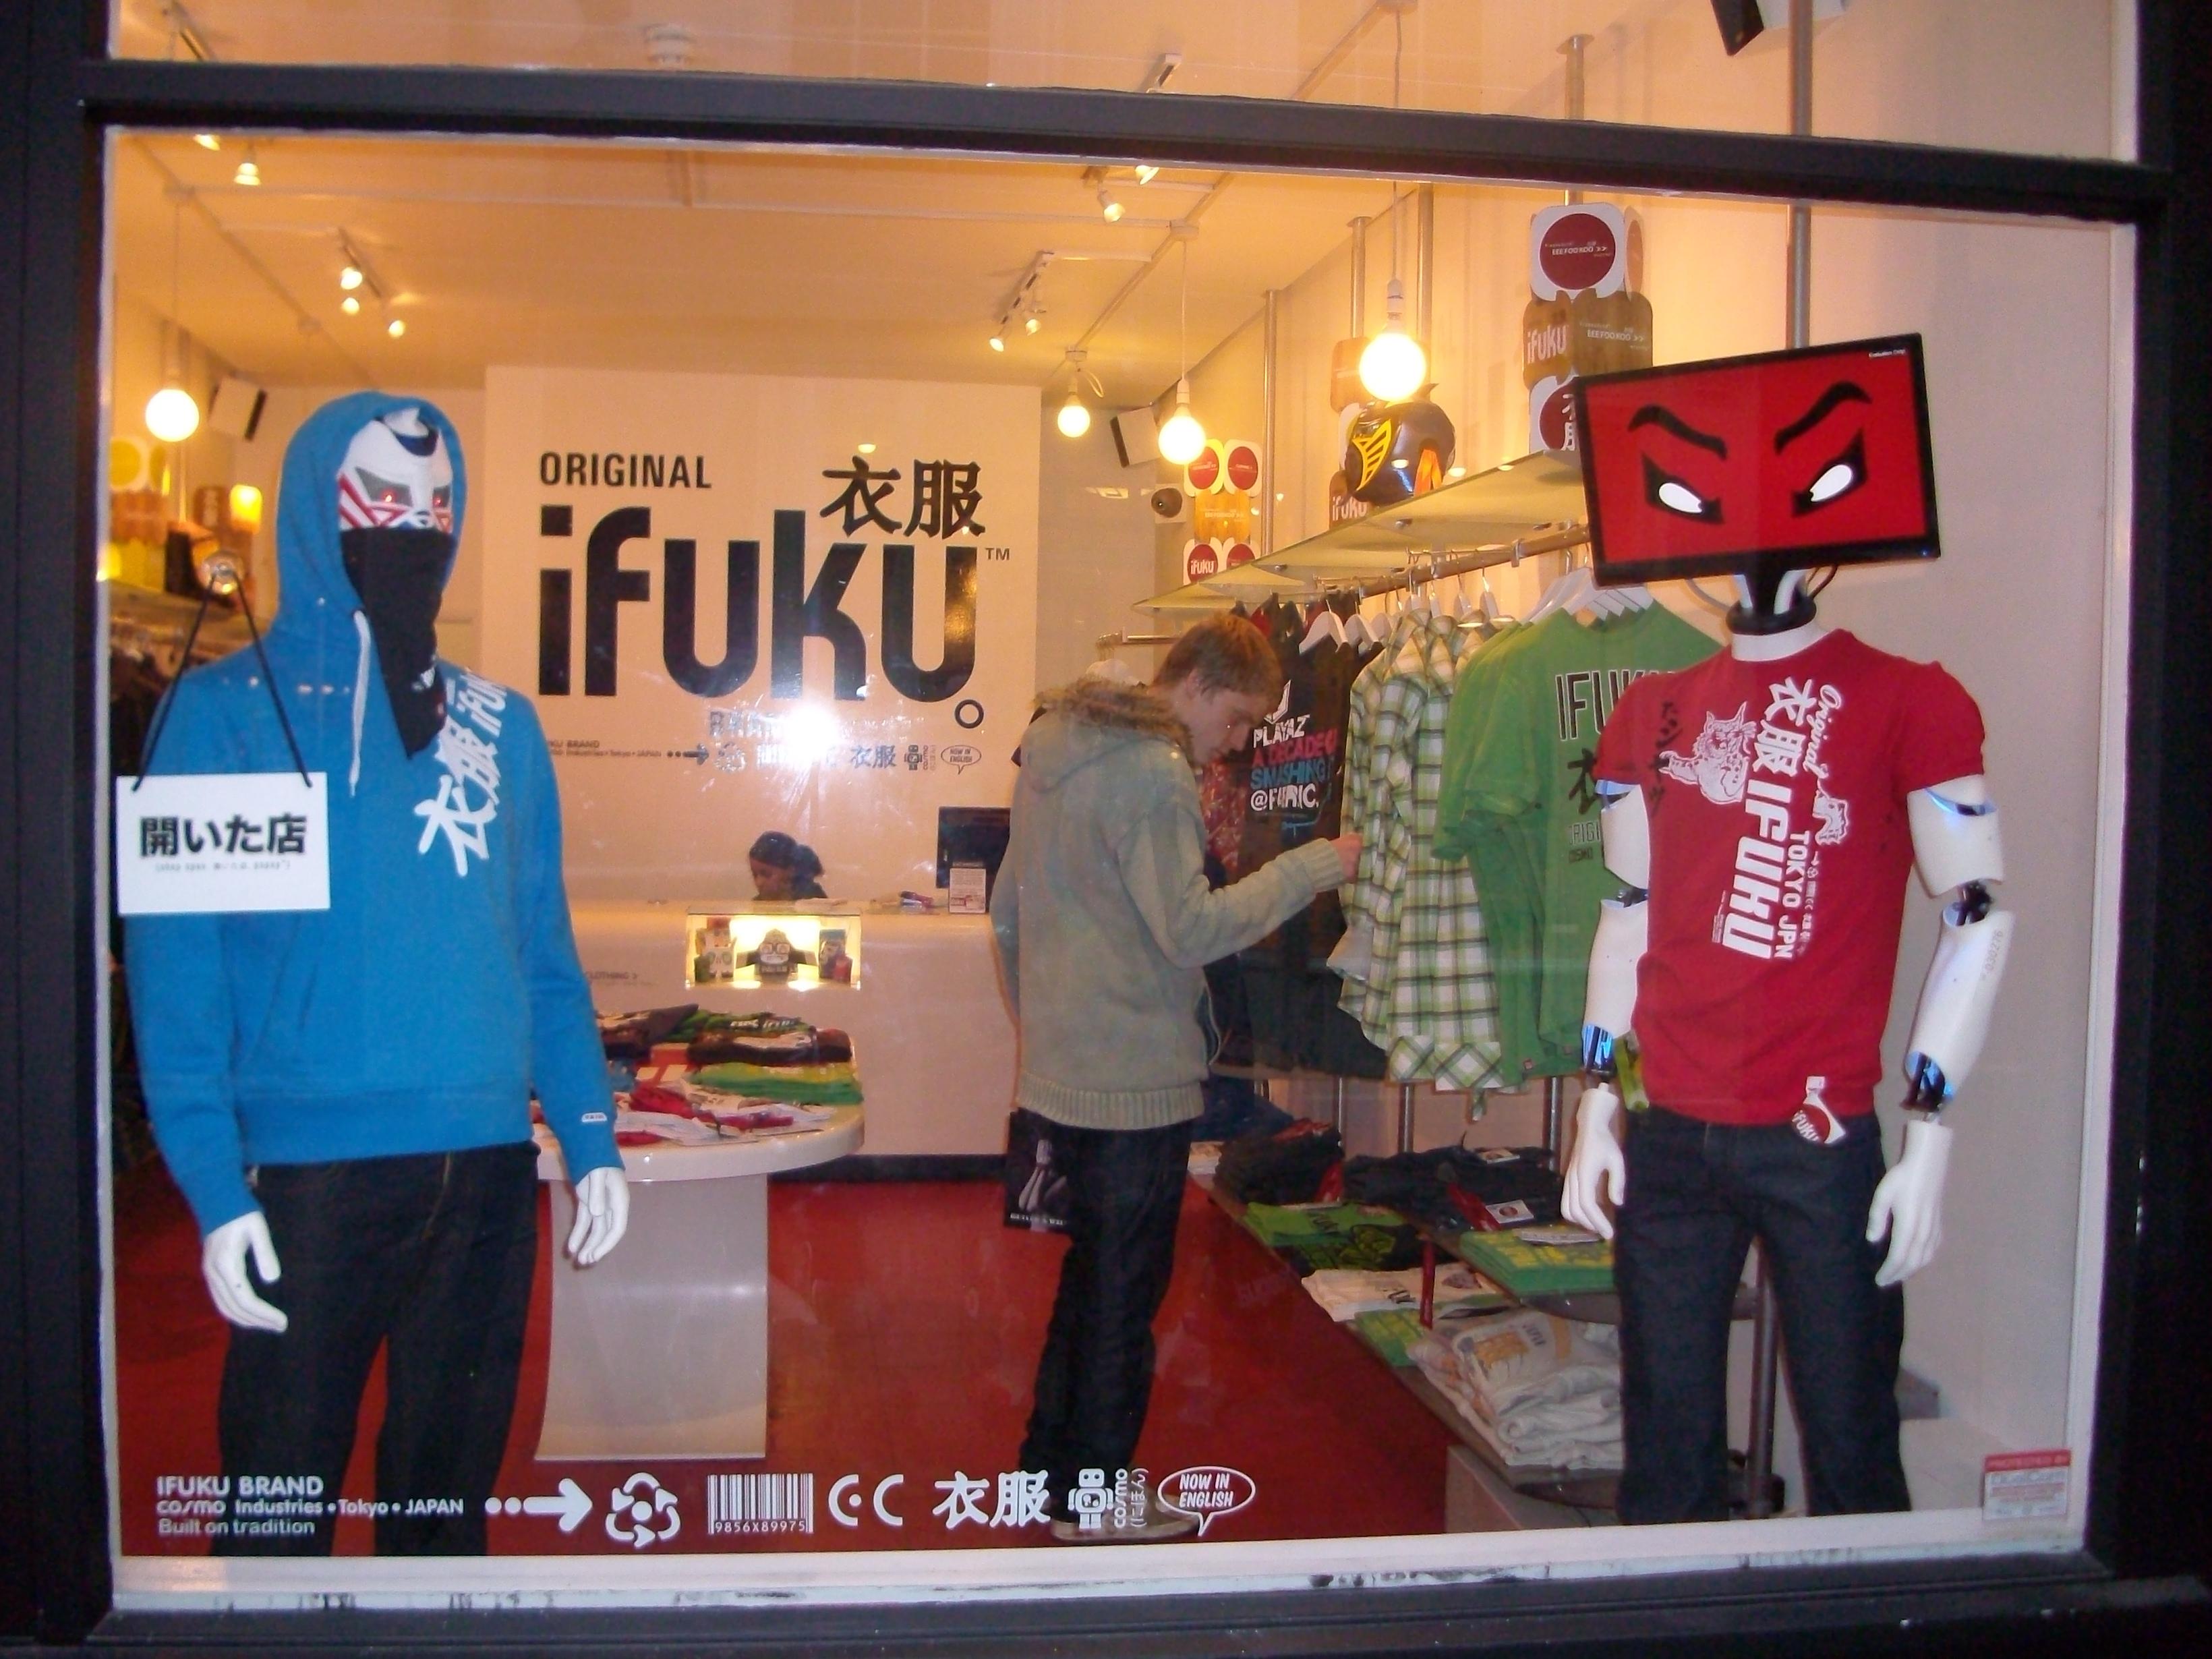 Regno Unito: vetrina tecnologica per il brand giapponese Ifuku